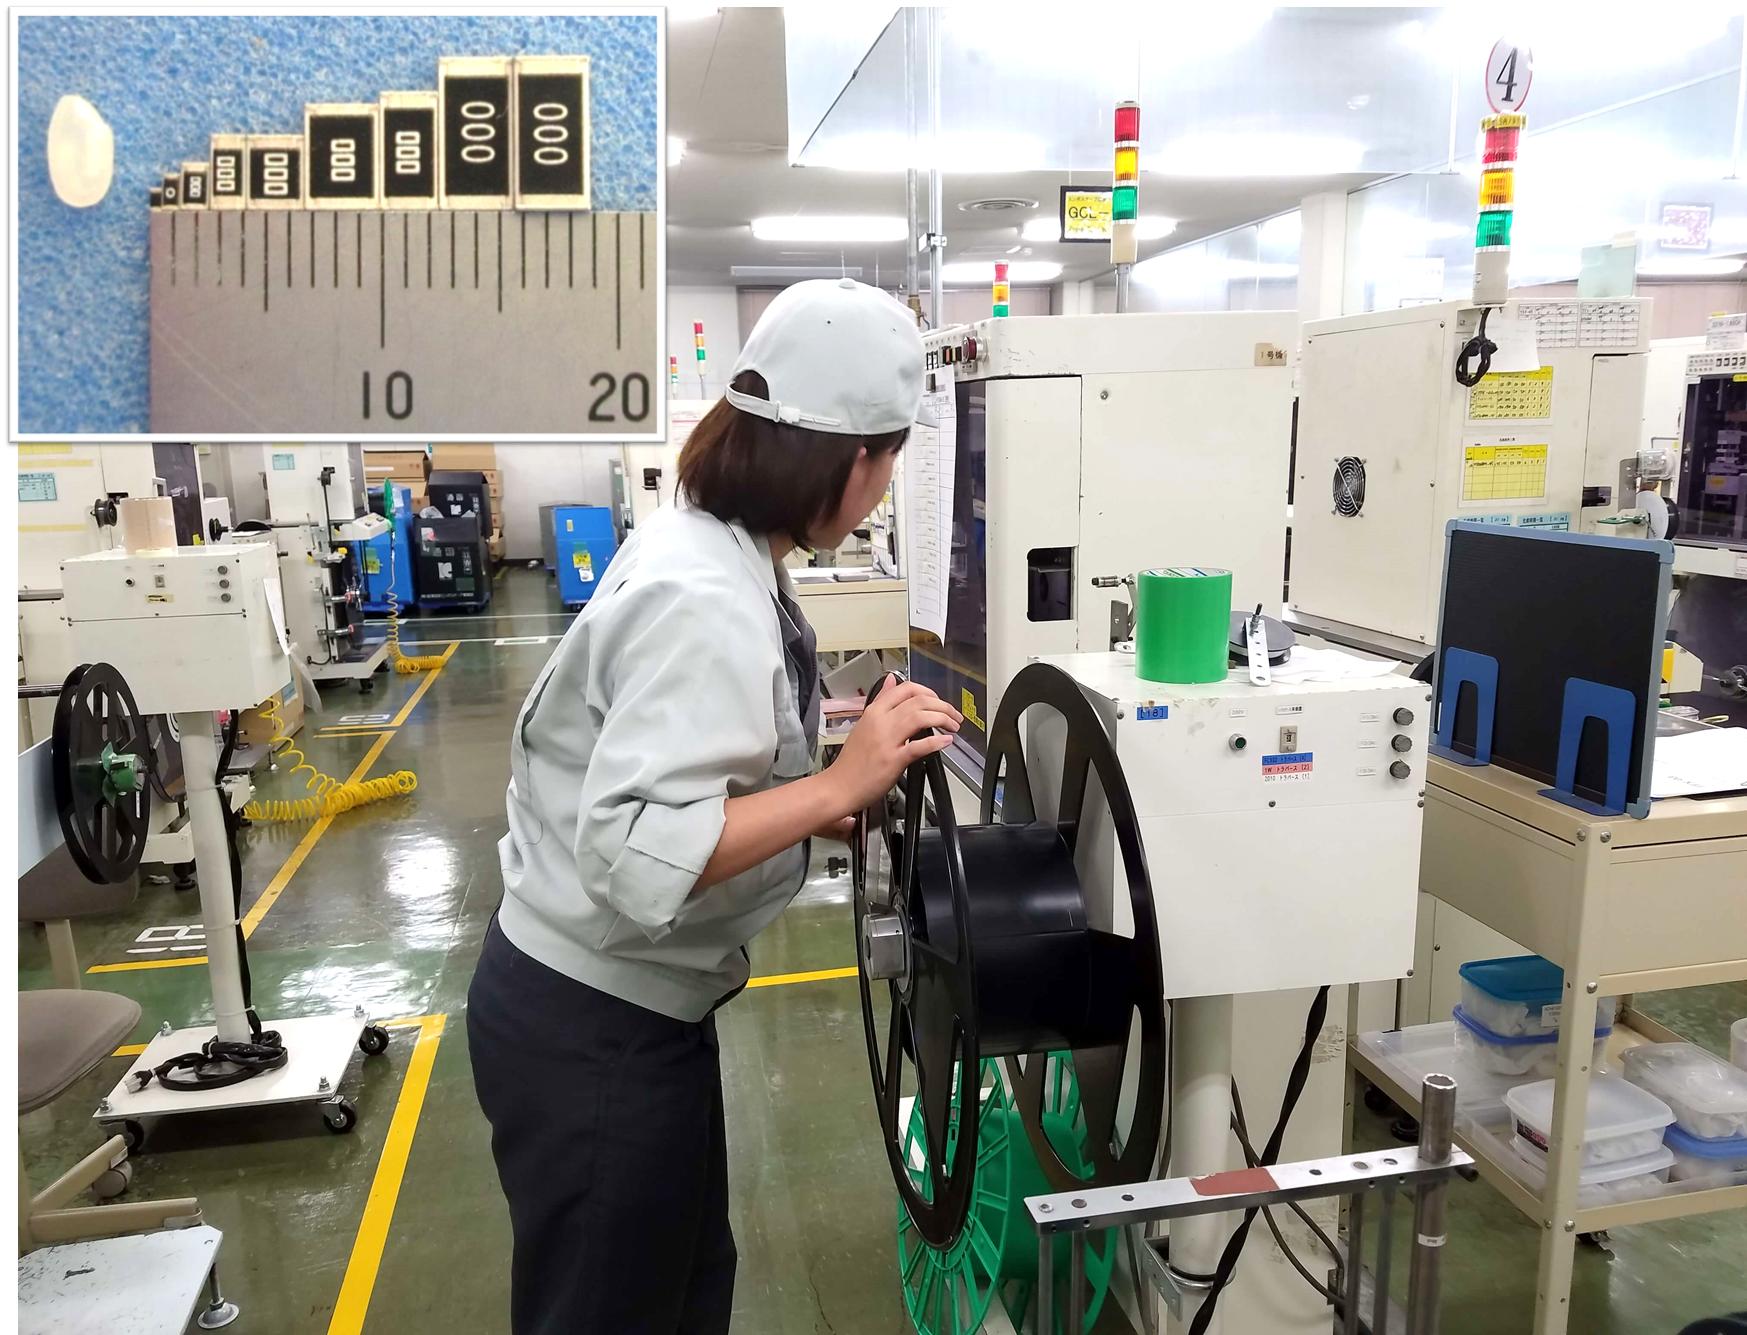 ①8h勤務3交替で高収入!パナソニック工場で電子部品の製造!軽作業・機械オペレーター